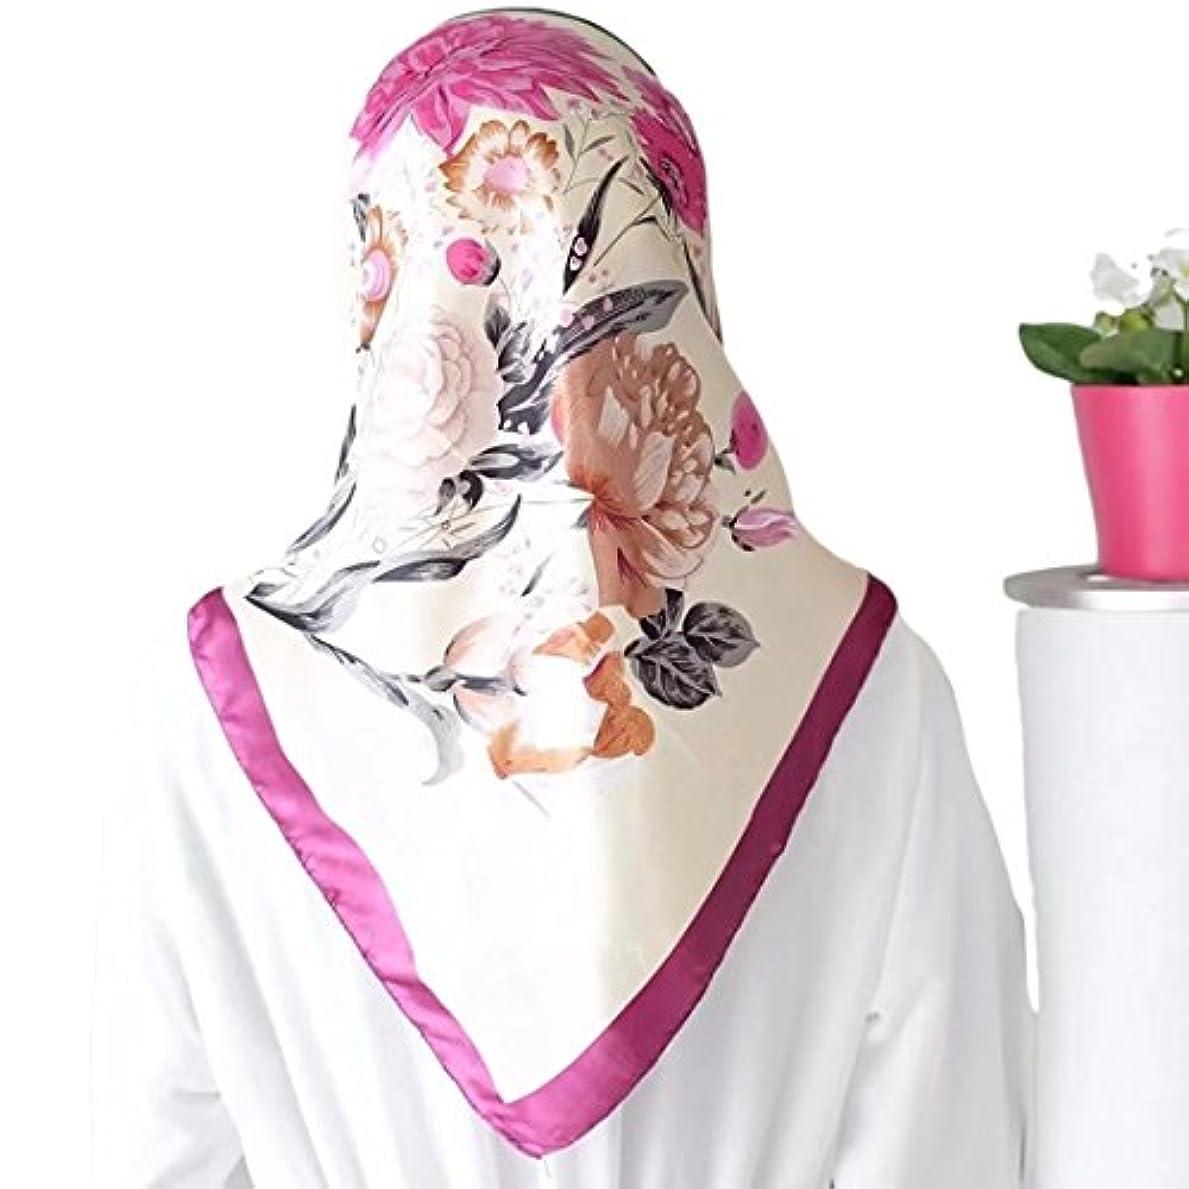 奇妙な回転する港女性用スカーフ女性用女性用大判スカーフプリントエレガントな女性用スカーフスカーフ90 * 90cm、35.4インチ